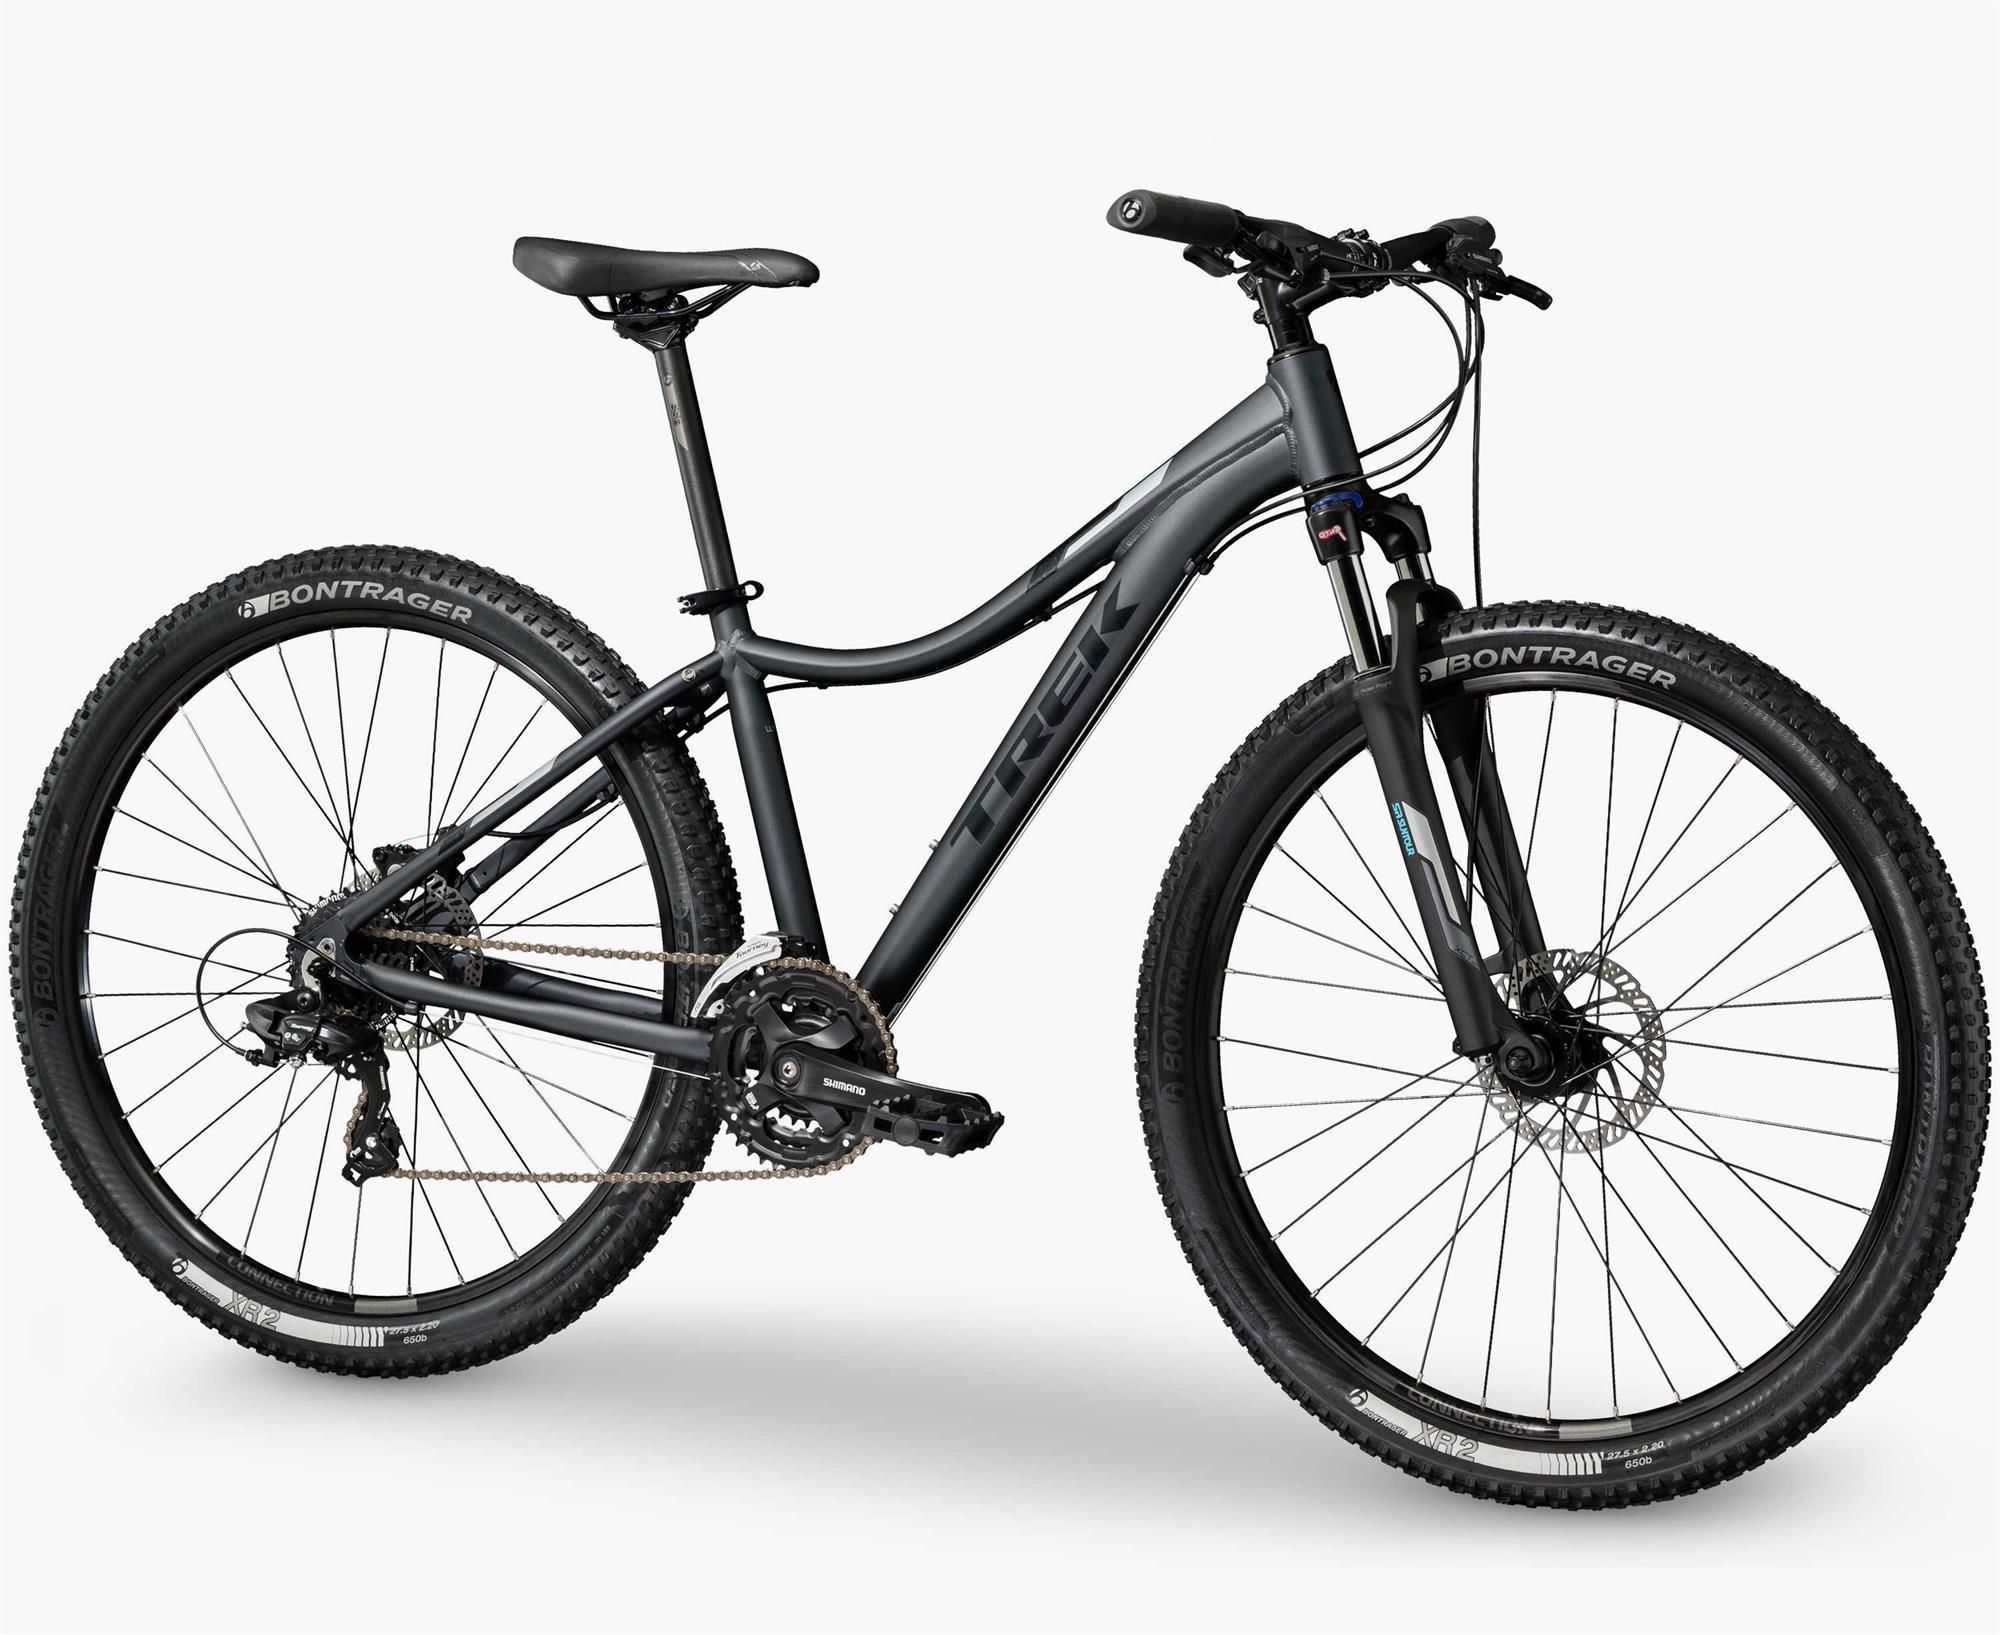 trek skye s womens 2017 mountainbike til kvinder. Black Bedroom Furniture Sets. Home Design Ideas